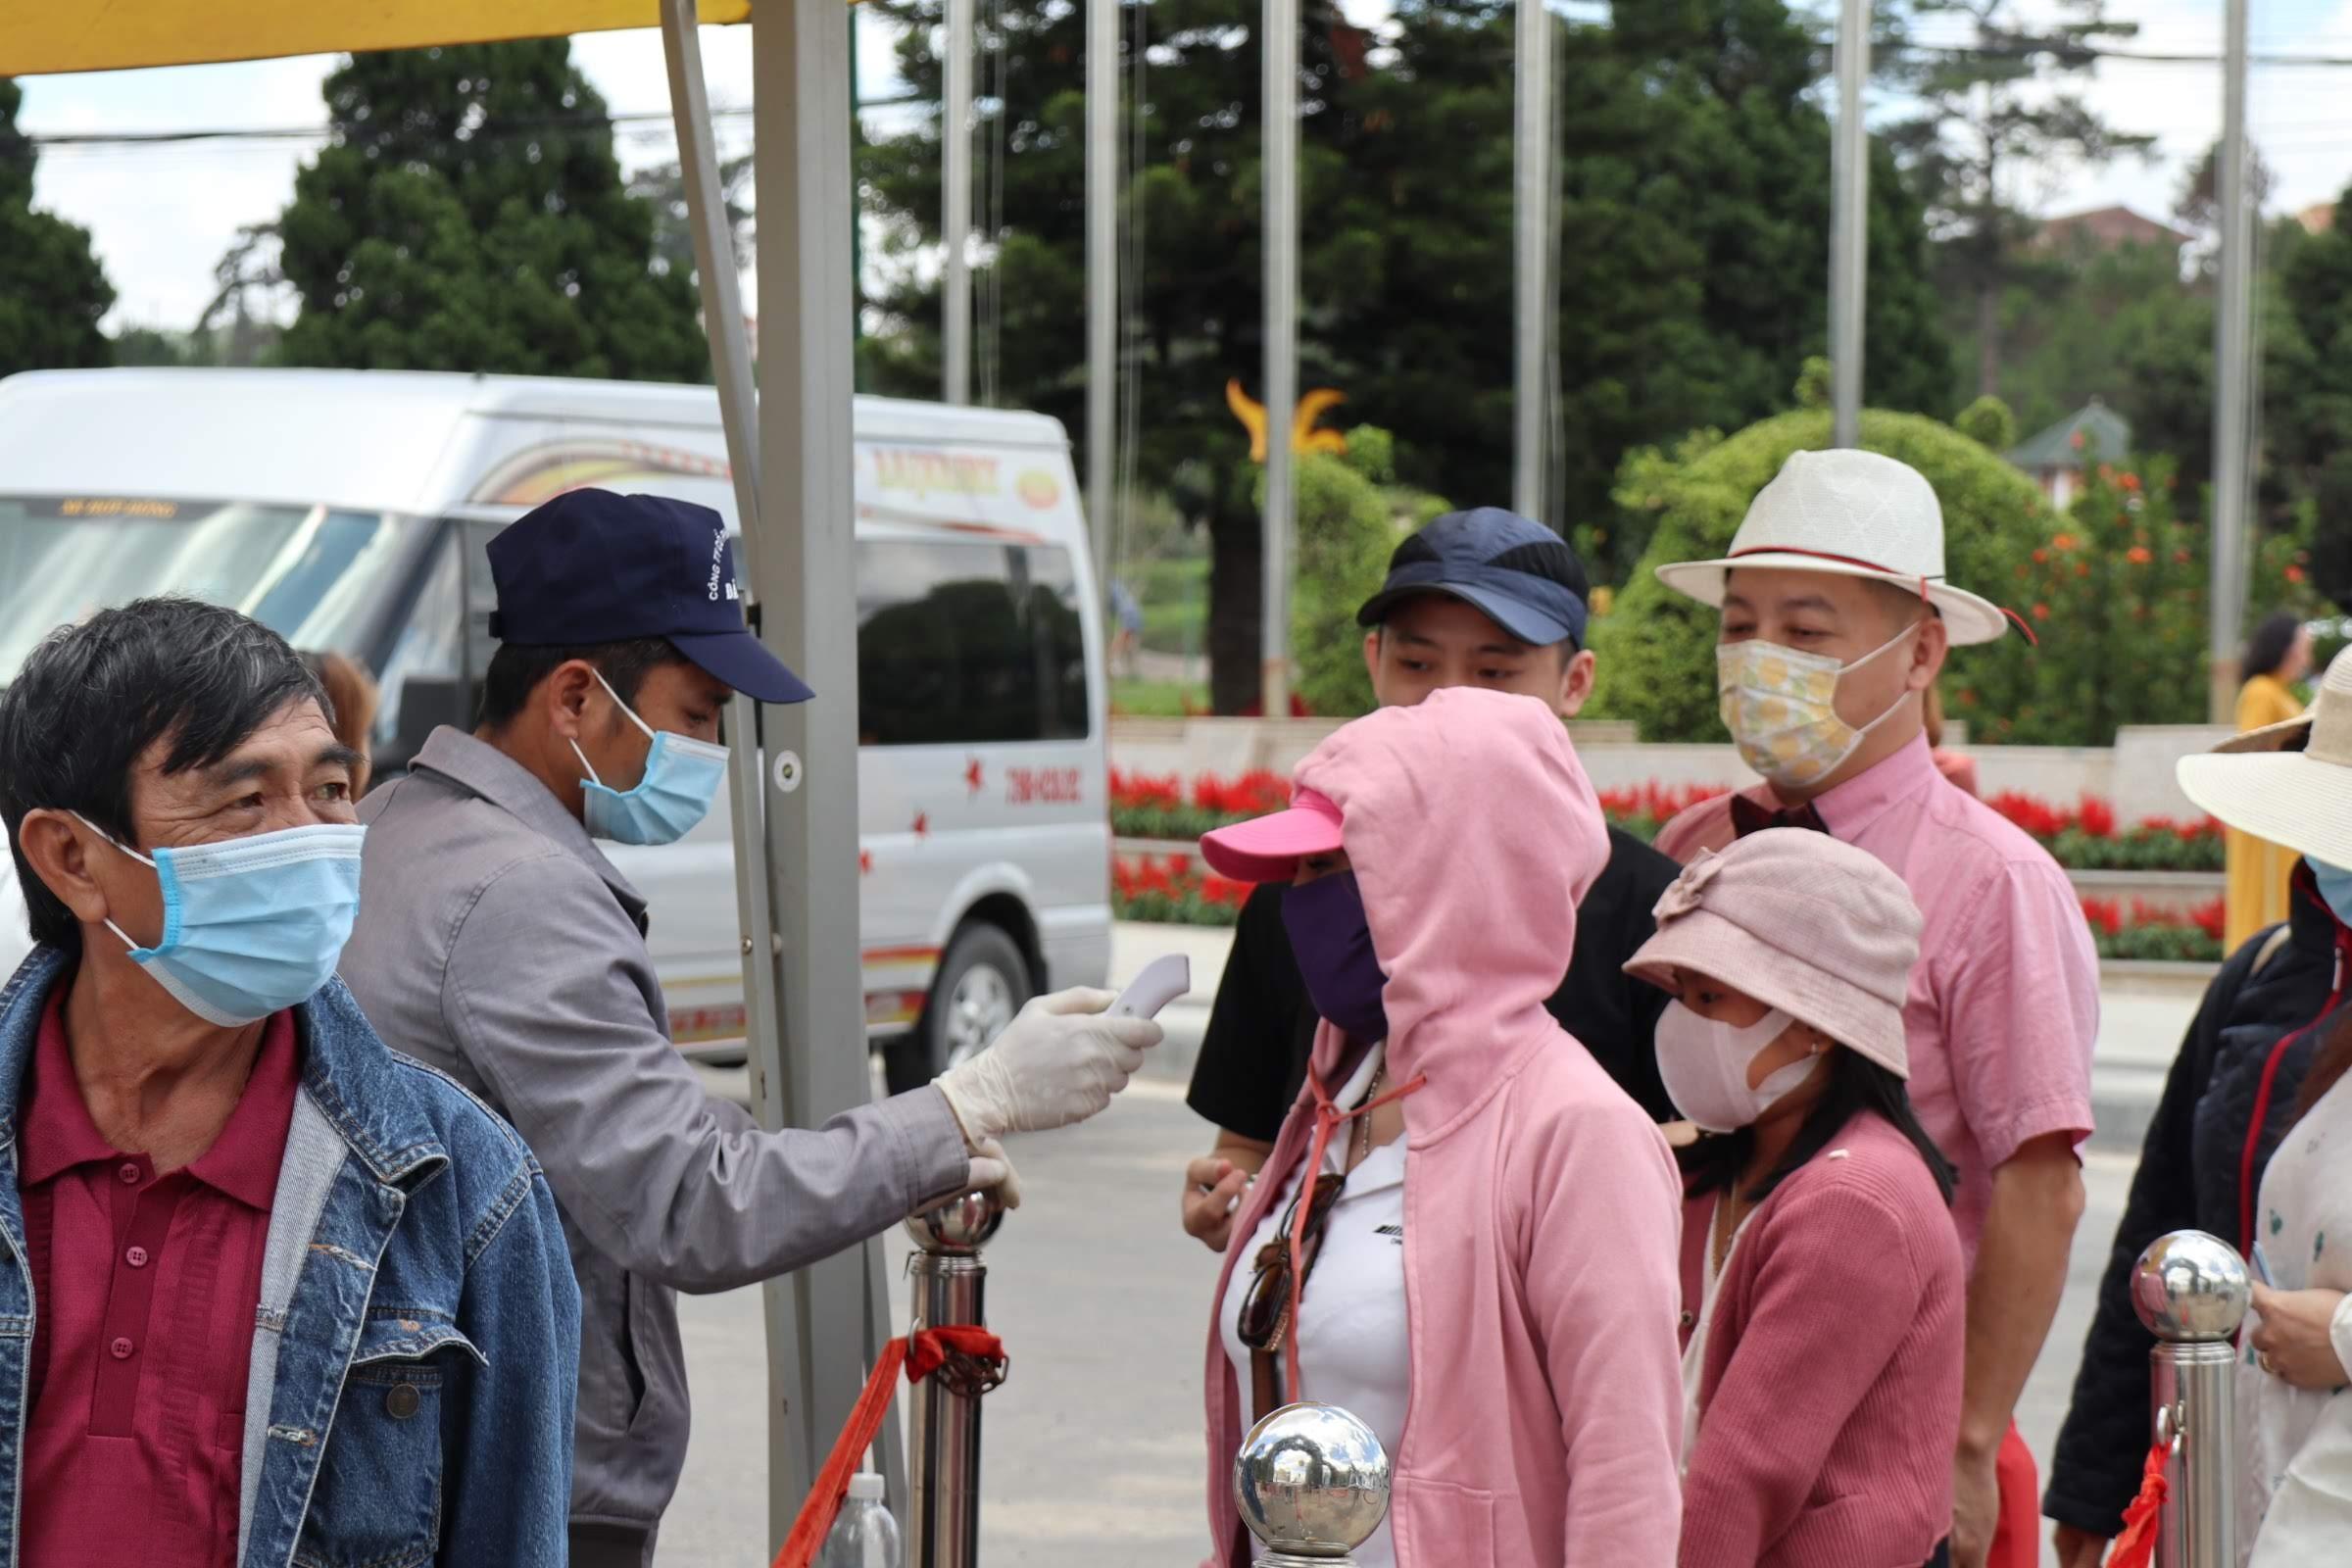 Du khách đo thân nhiệt, thực hiện đeo khẩu trang trước khi vào Vườn hoa thành phố ngày 1/5. Ảnh: Khánh Hương.